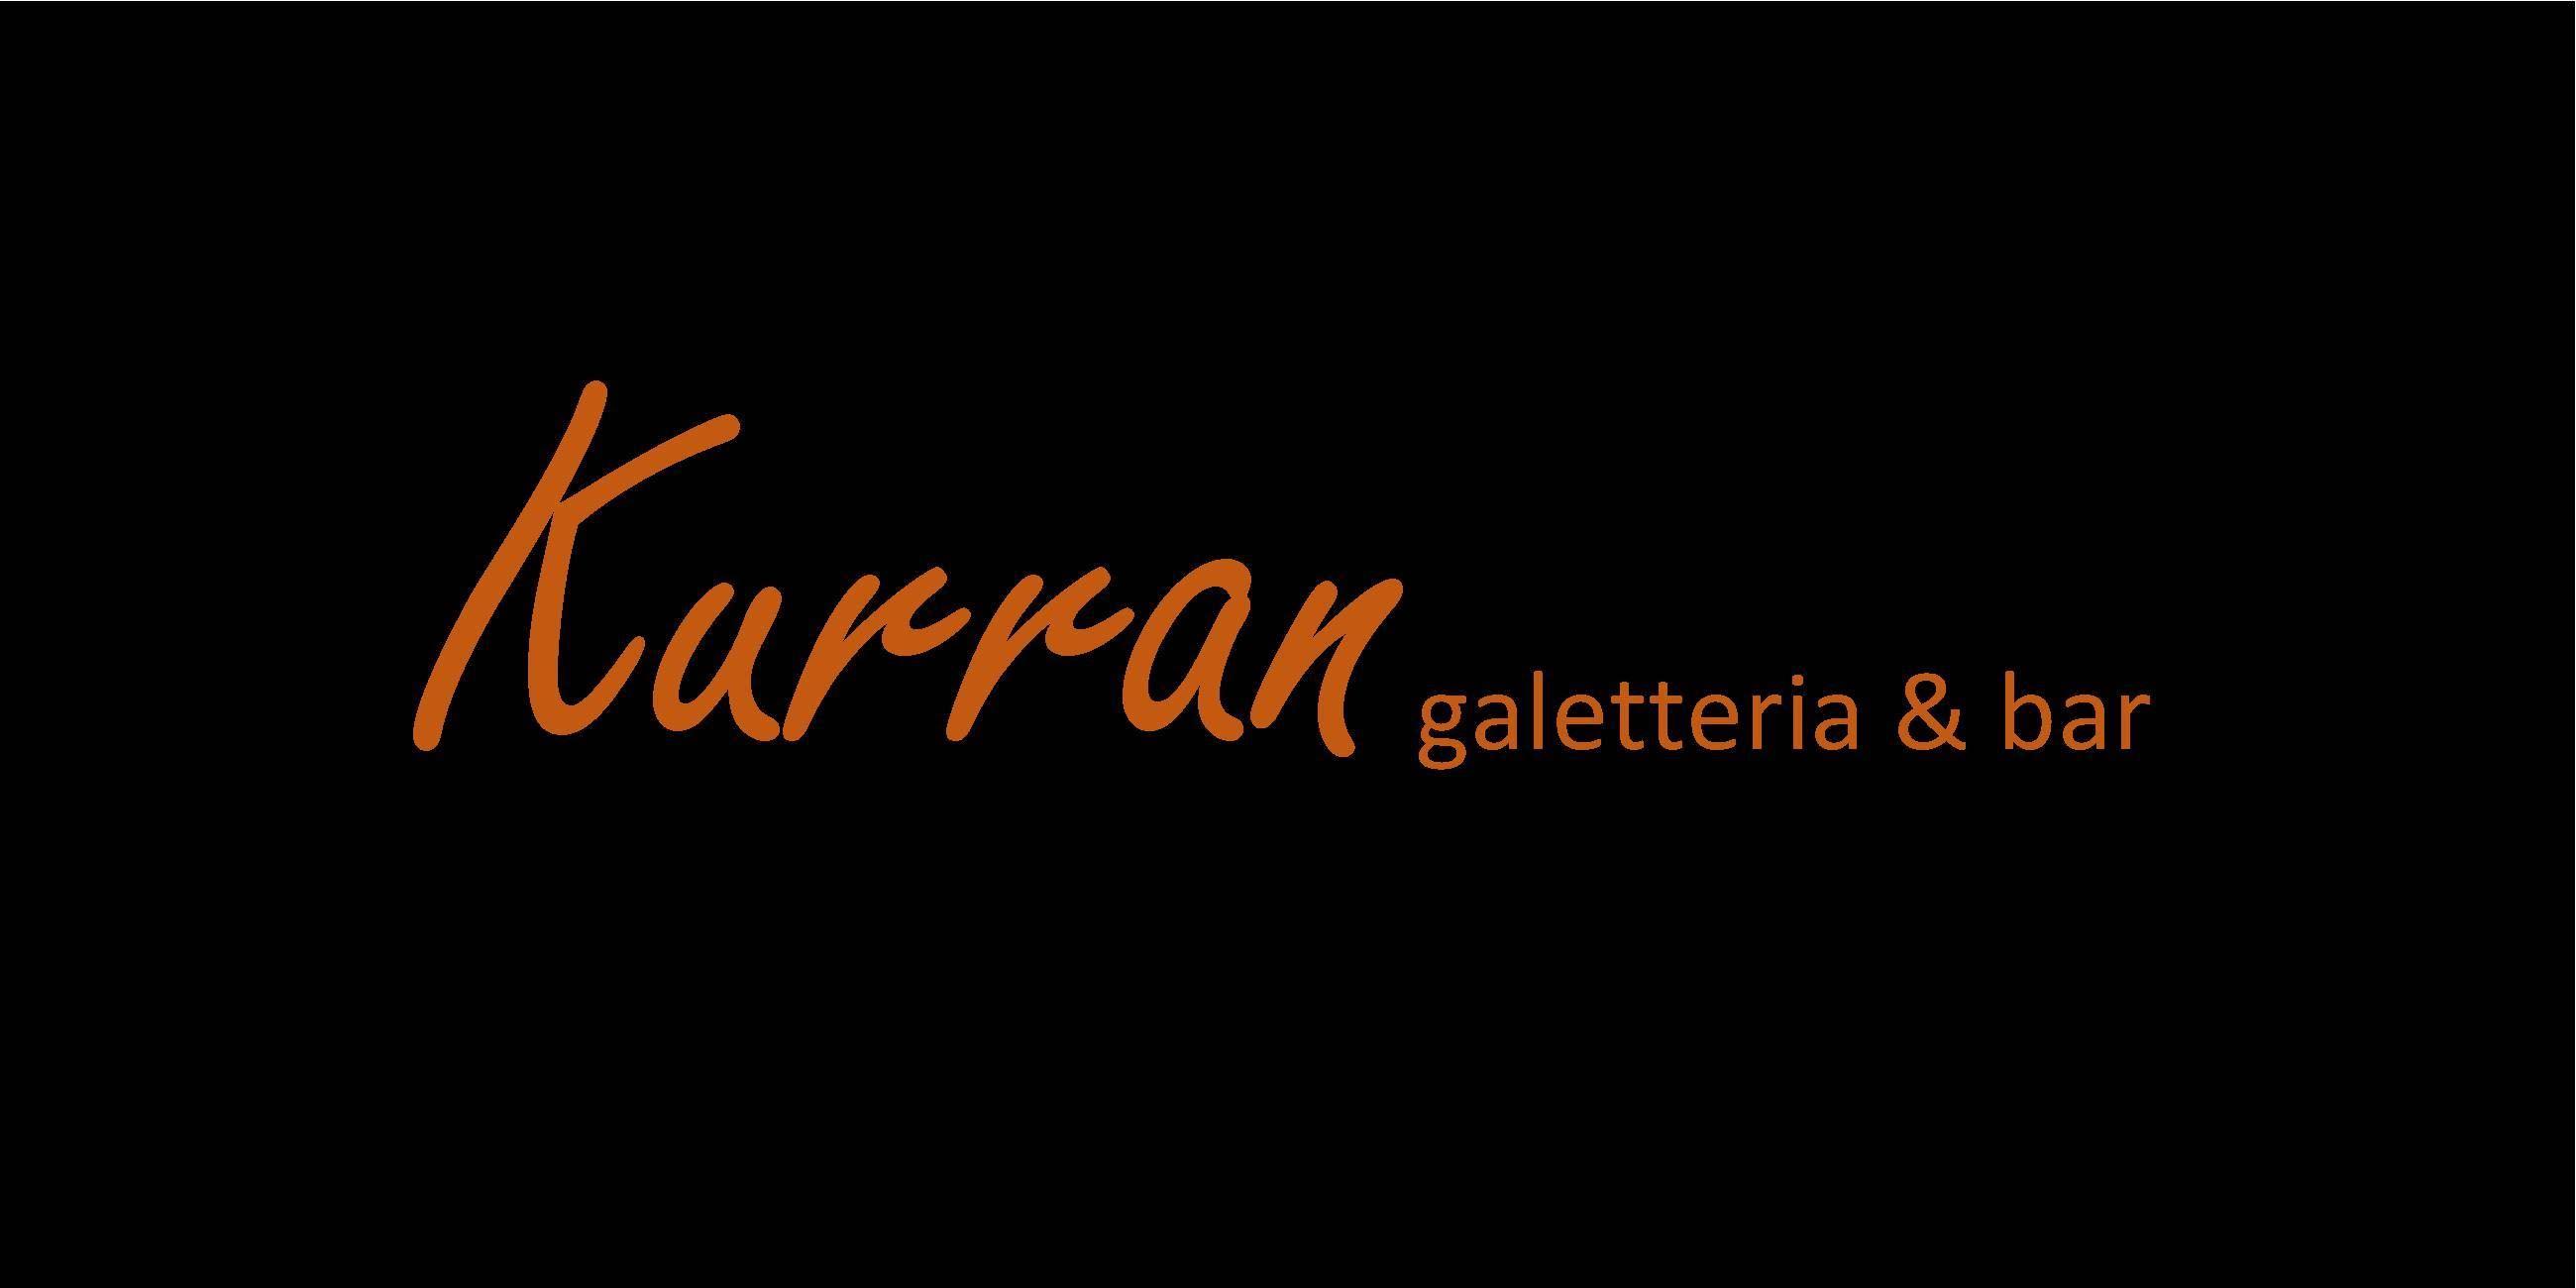 Kurran - Galetteria och bar